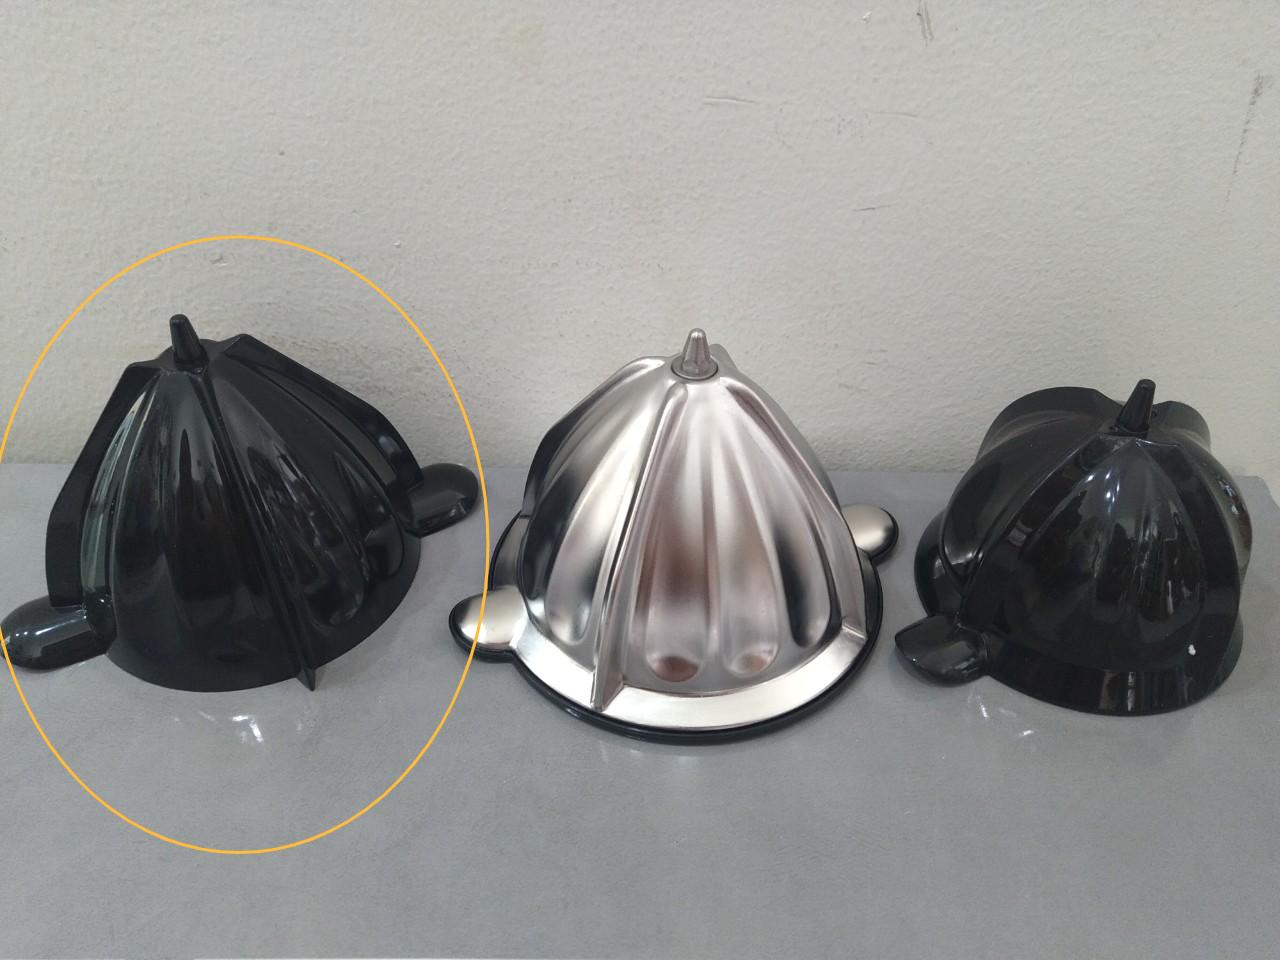 Đầu vắt cam thay thế cho máy vắt cam Caso CP300, có thể thay thế cho Caso Cp330